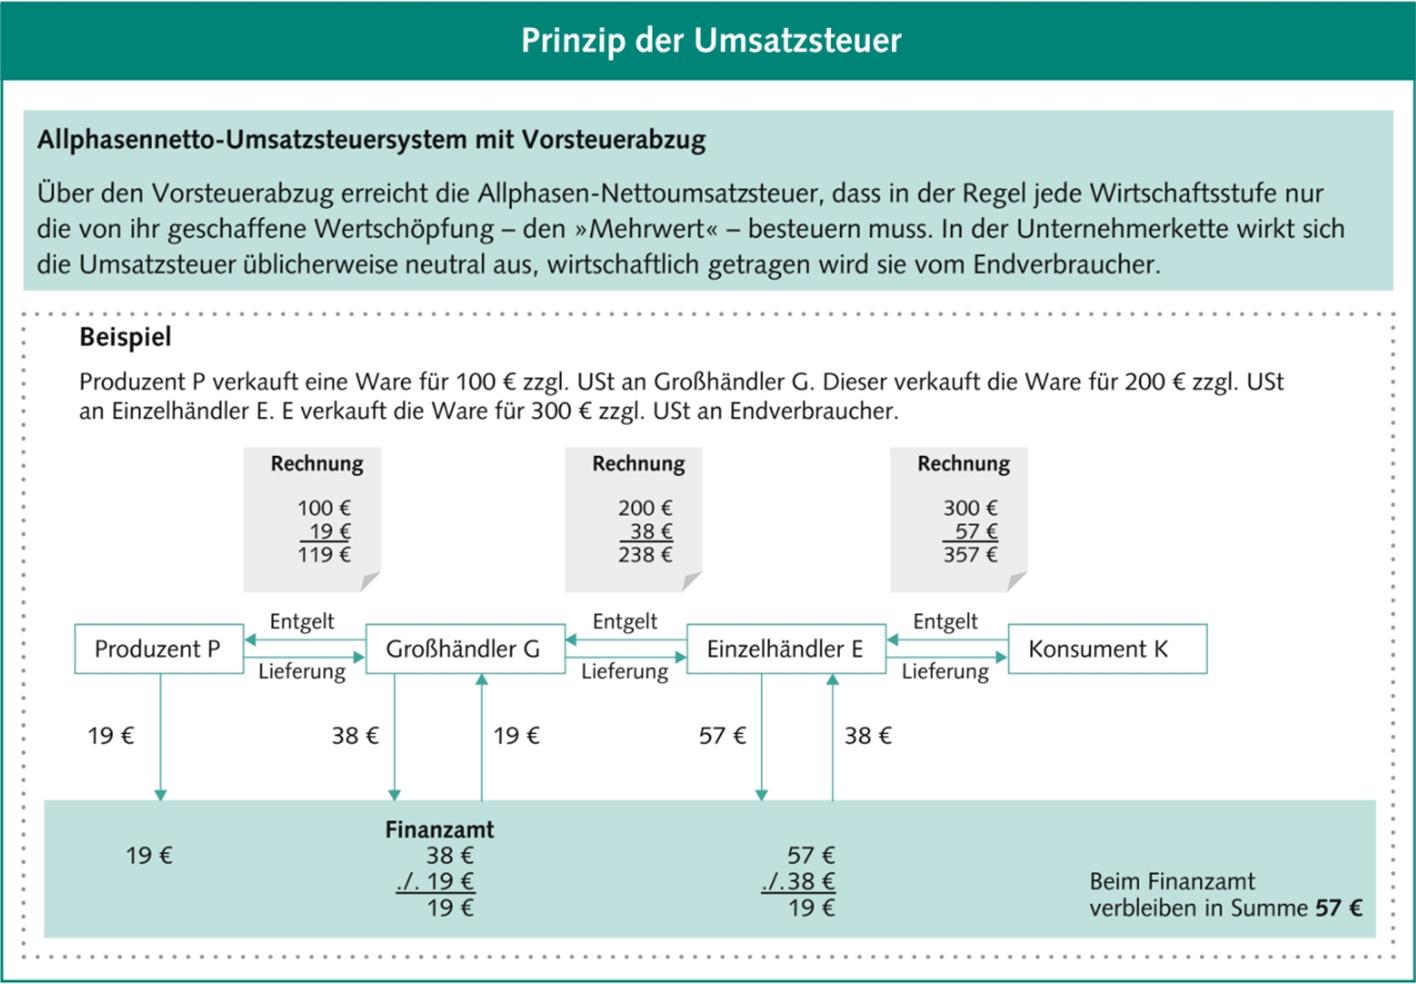 Allphasennetto-Umsatzsteuersystem mit Vorsteuerabzug